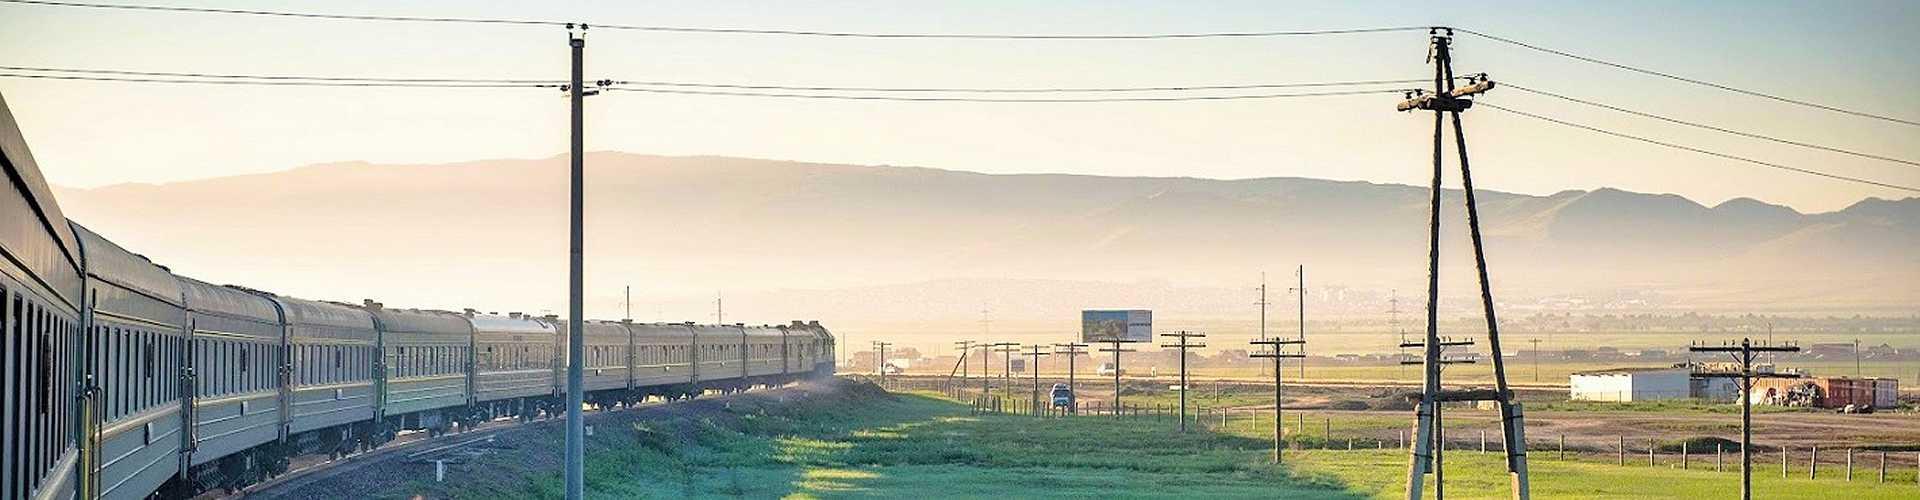 Transsibirische Eisenbahn am Baikalsee, Russland